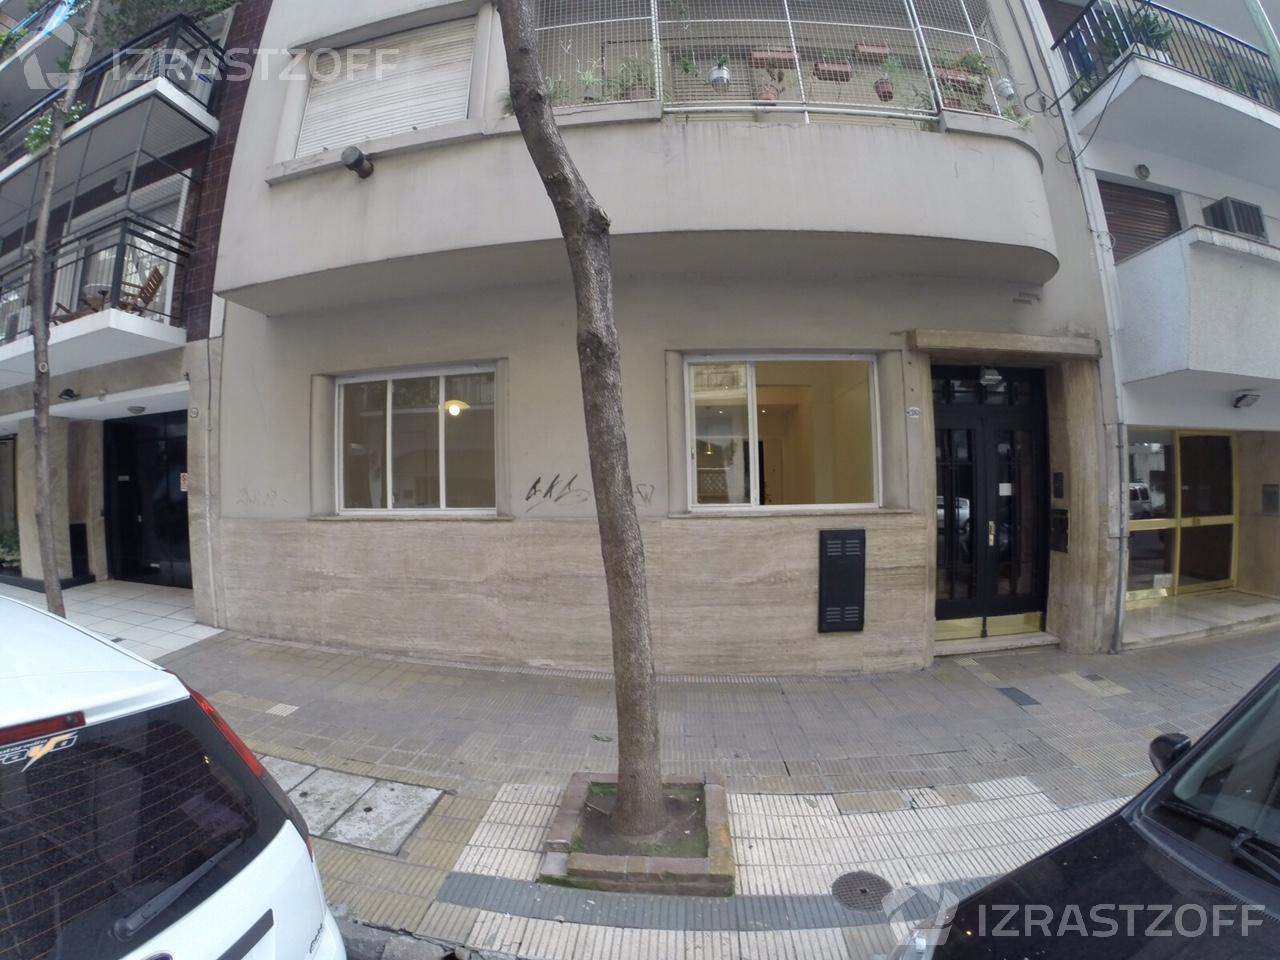 Departamento-Venta-Palermo-Ugarteche e/ Las Heras y Juncal